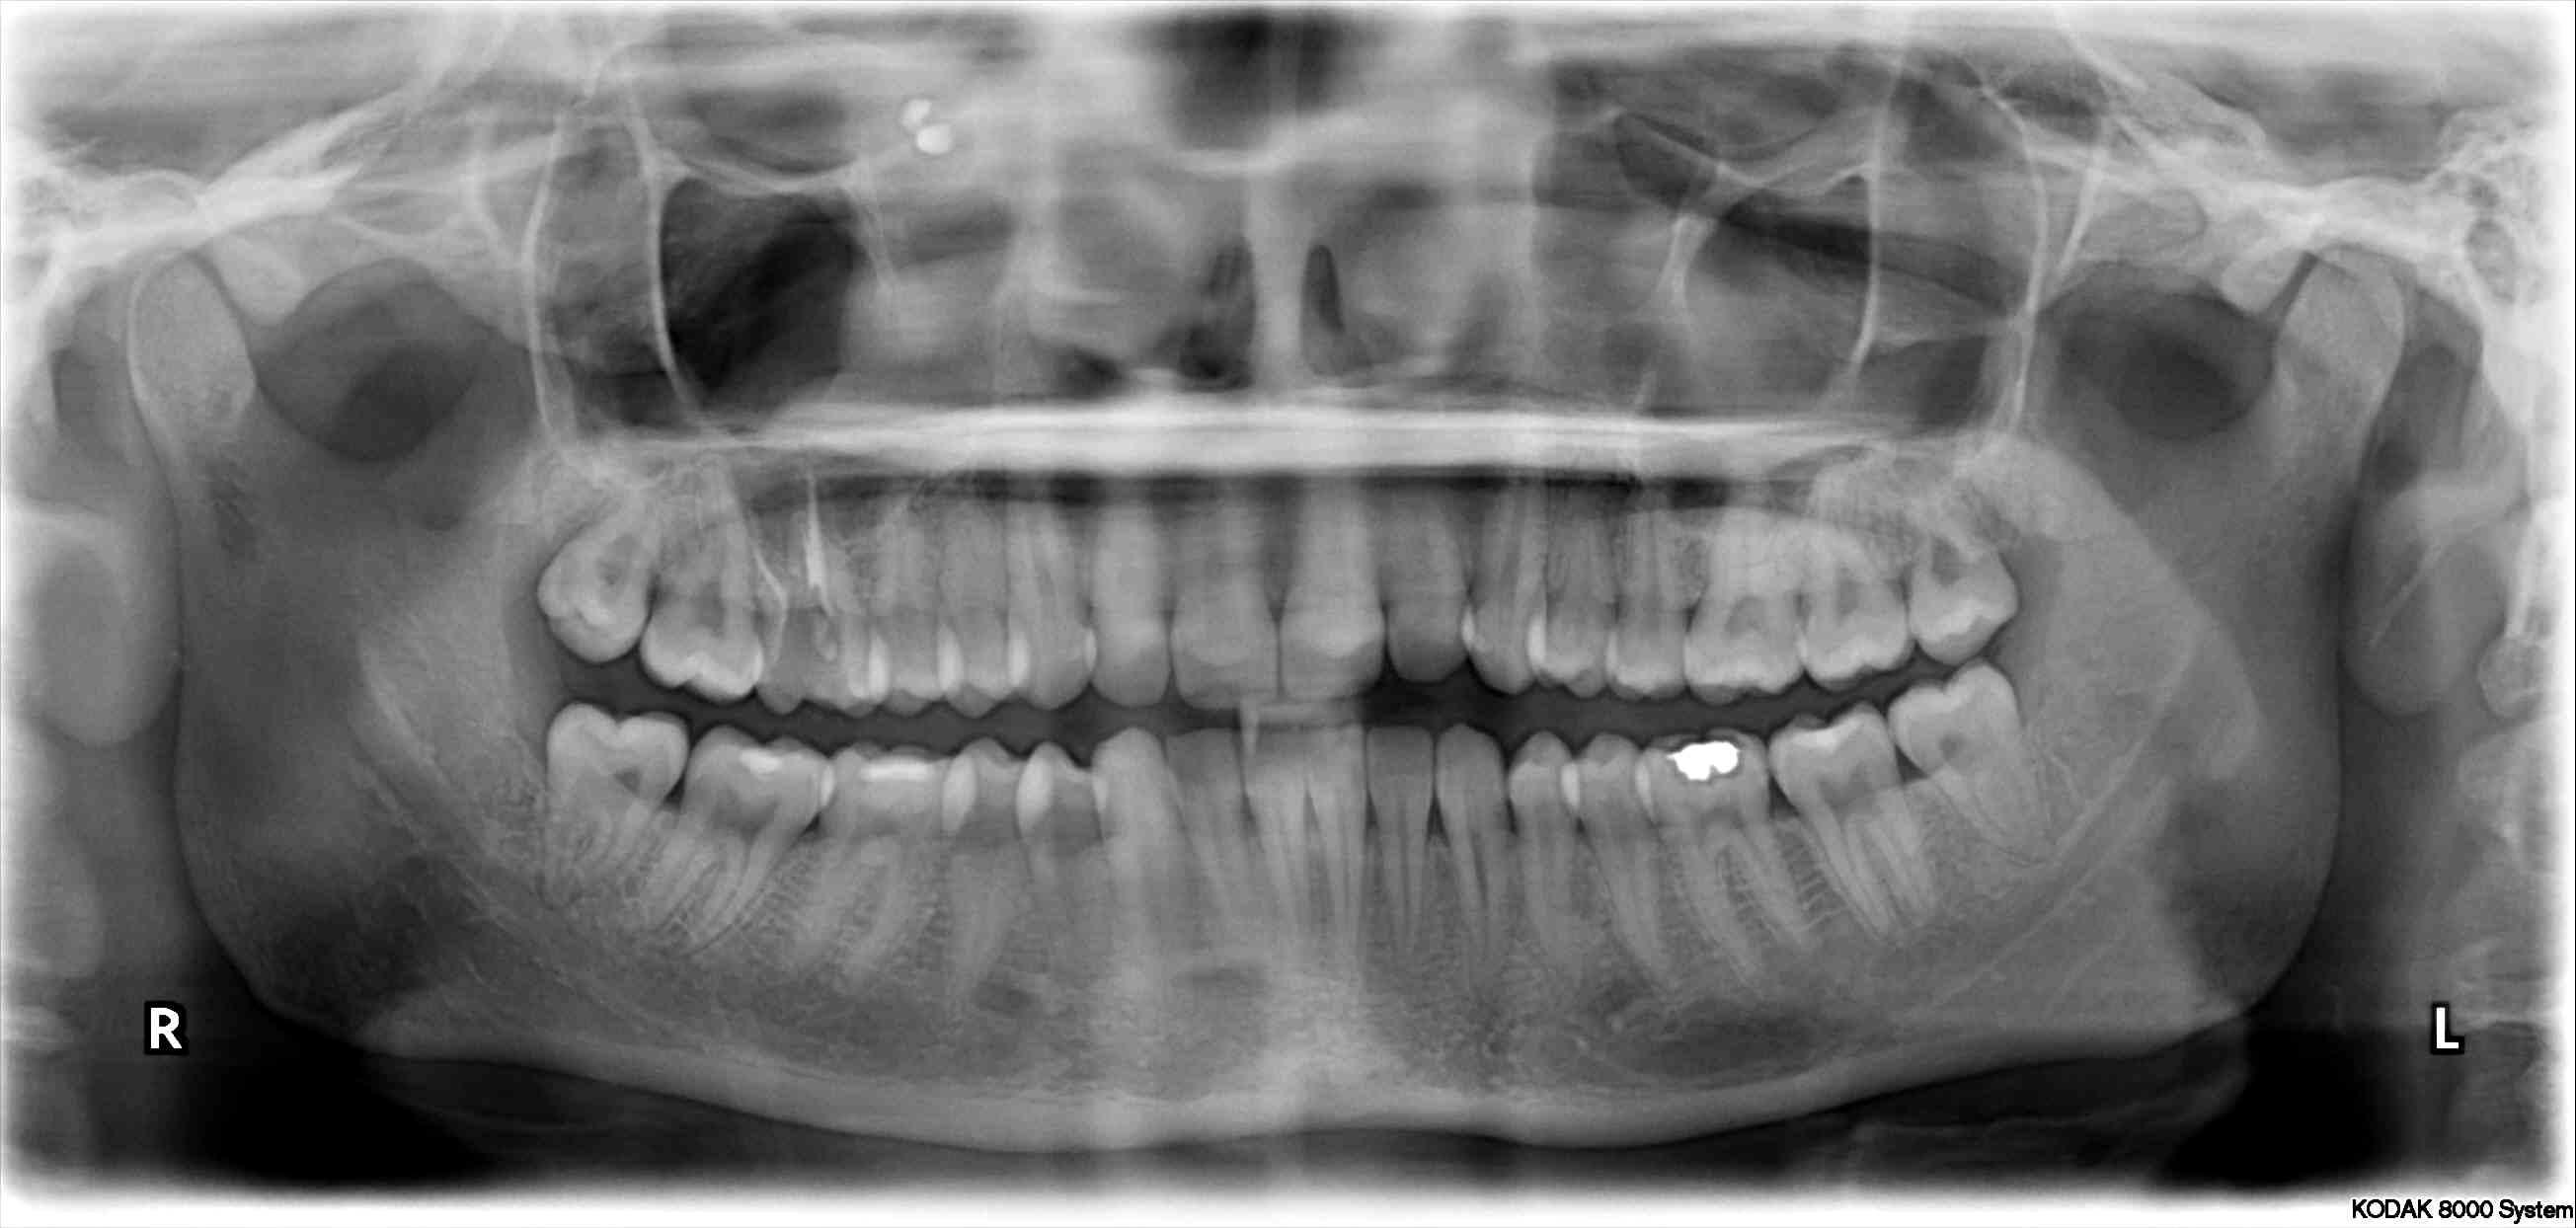 Tutto è iniziato con un semplice dolore ed una ipersensibilità al molare destro